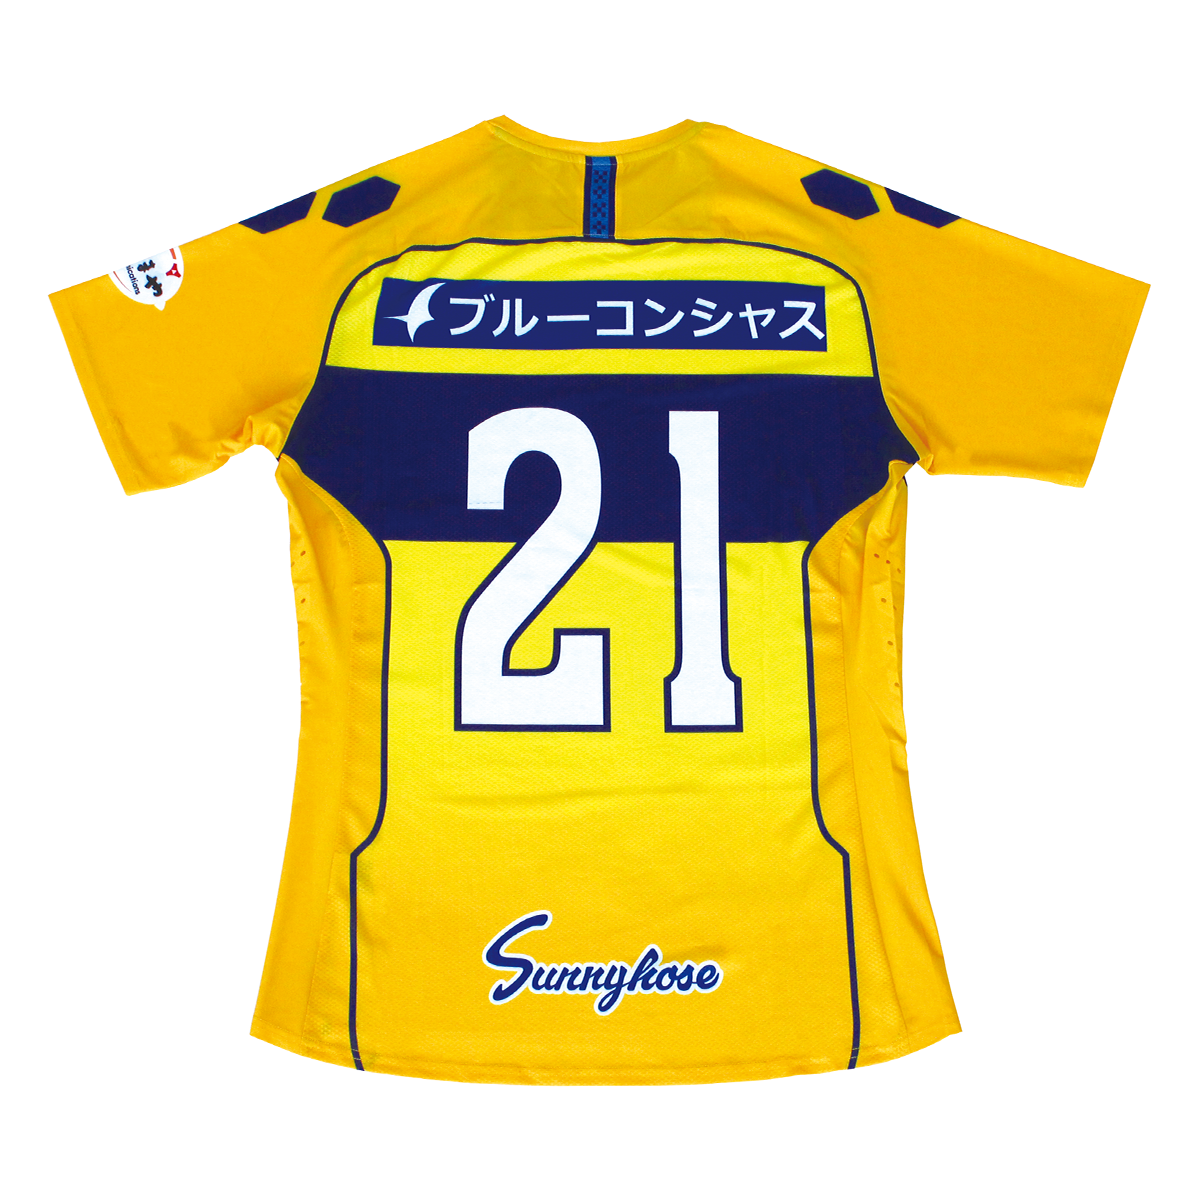 沖縄SV(OSV) 2019 オーセンティックユニフォーム GK2nd